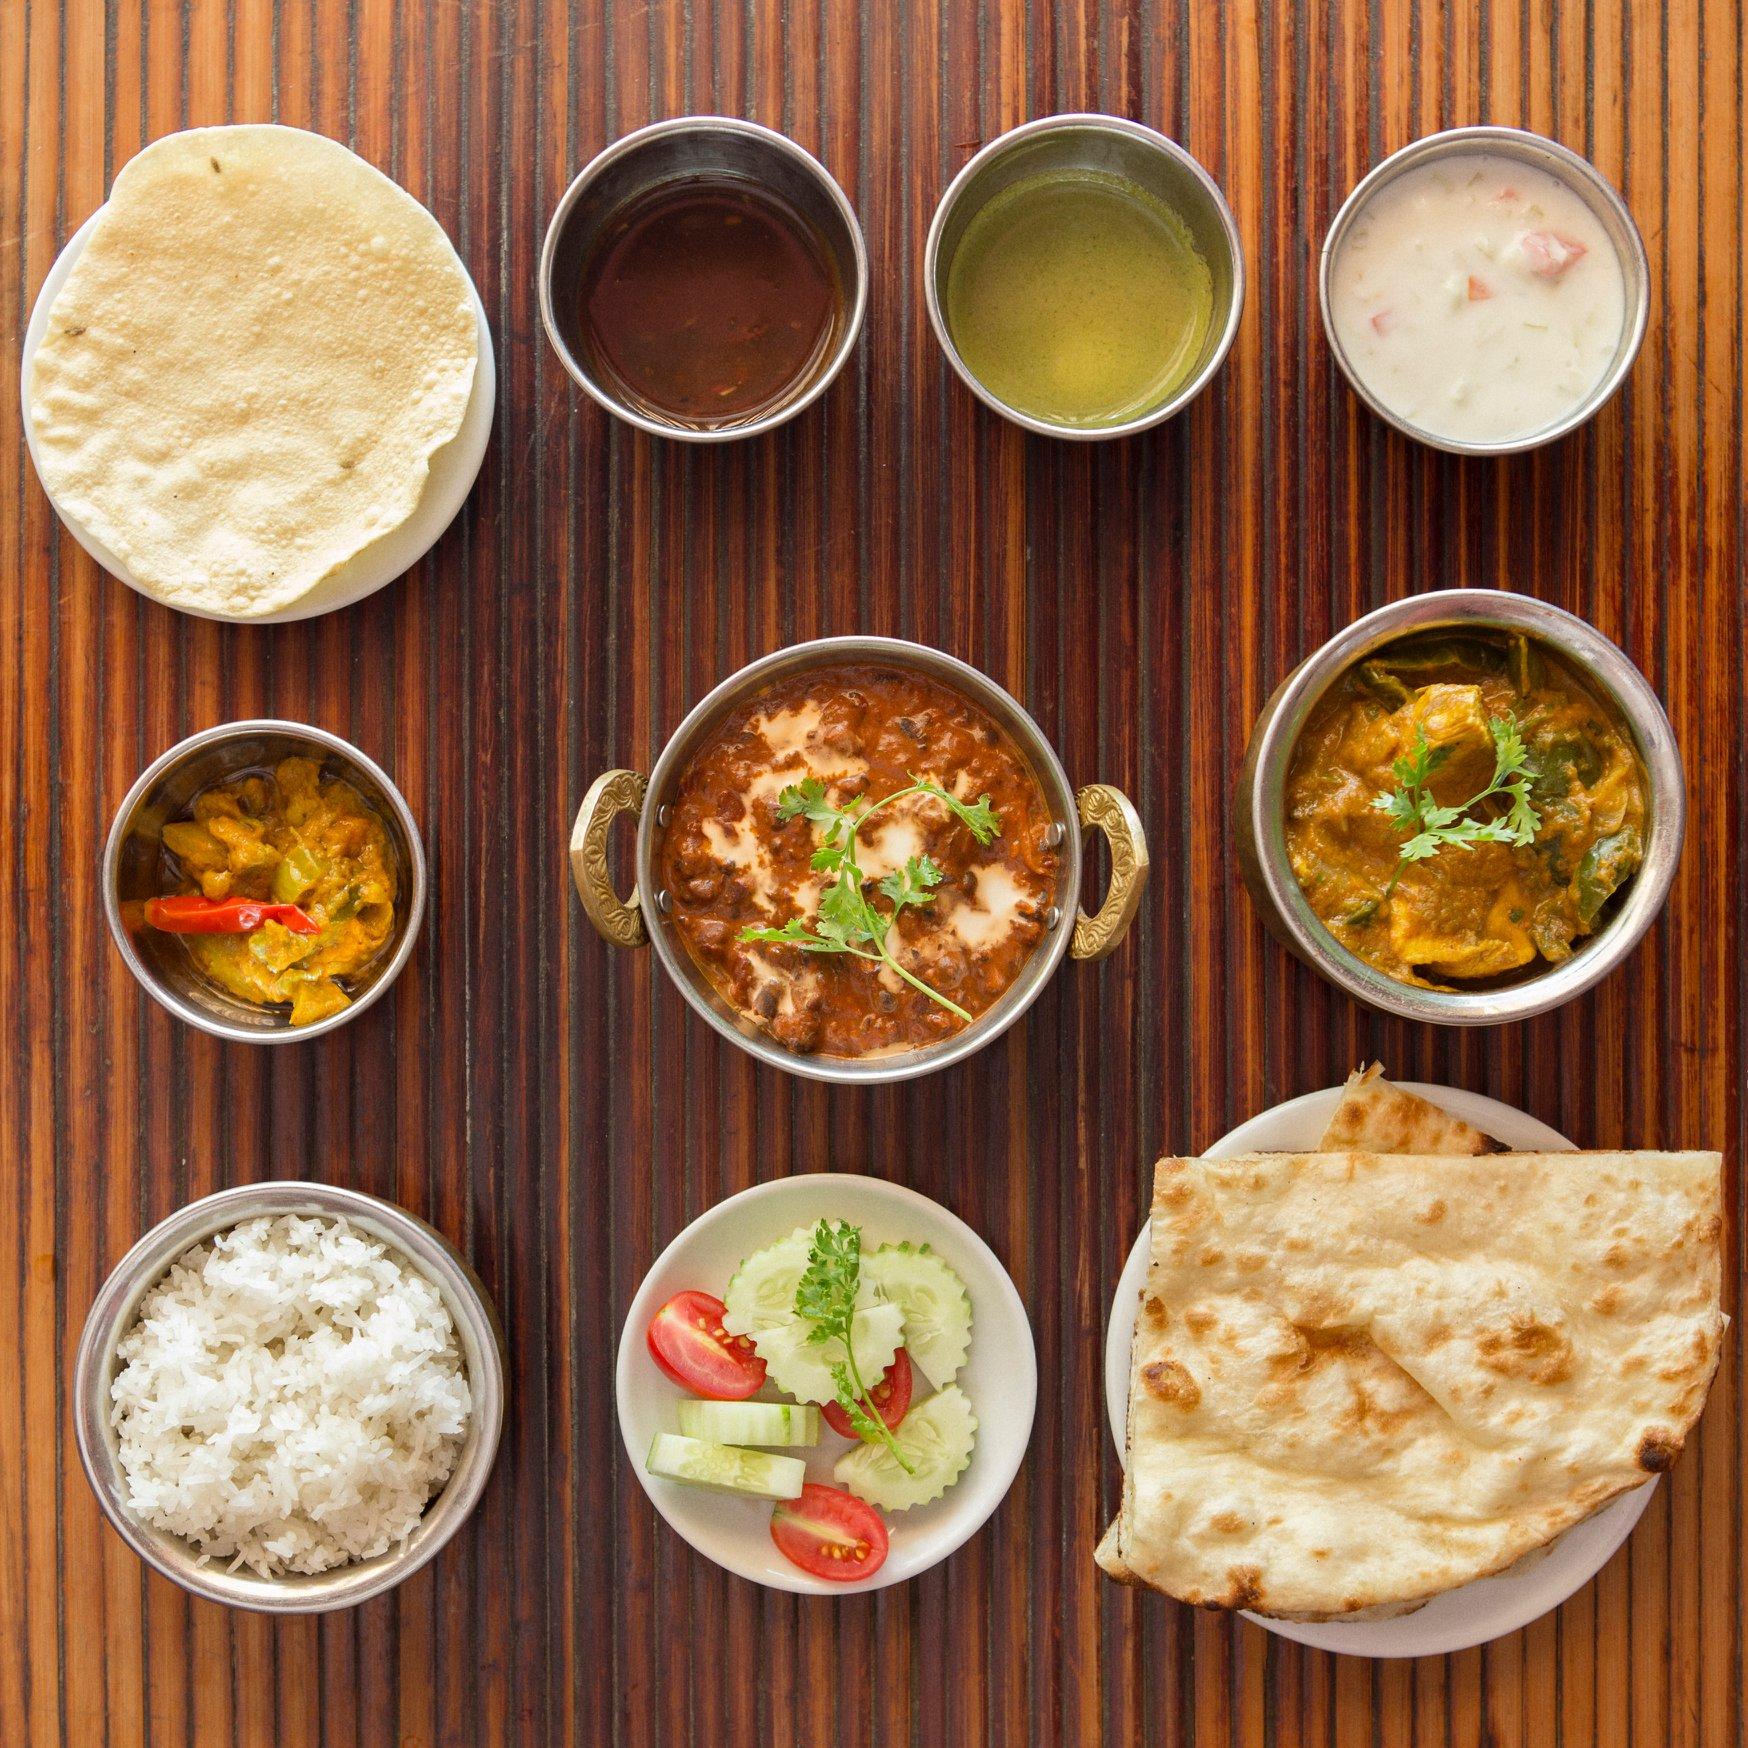 ハノイで人気のインド料理店からランチセットメニューのお知らせ【foodshop45】